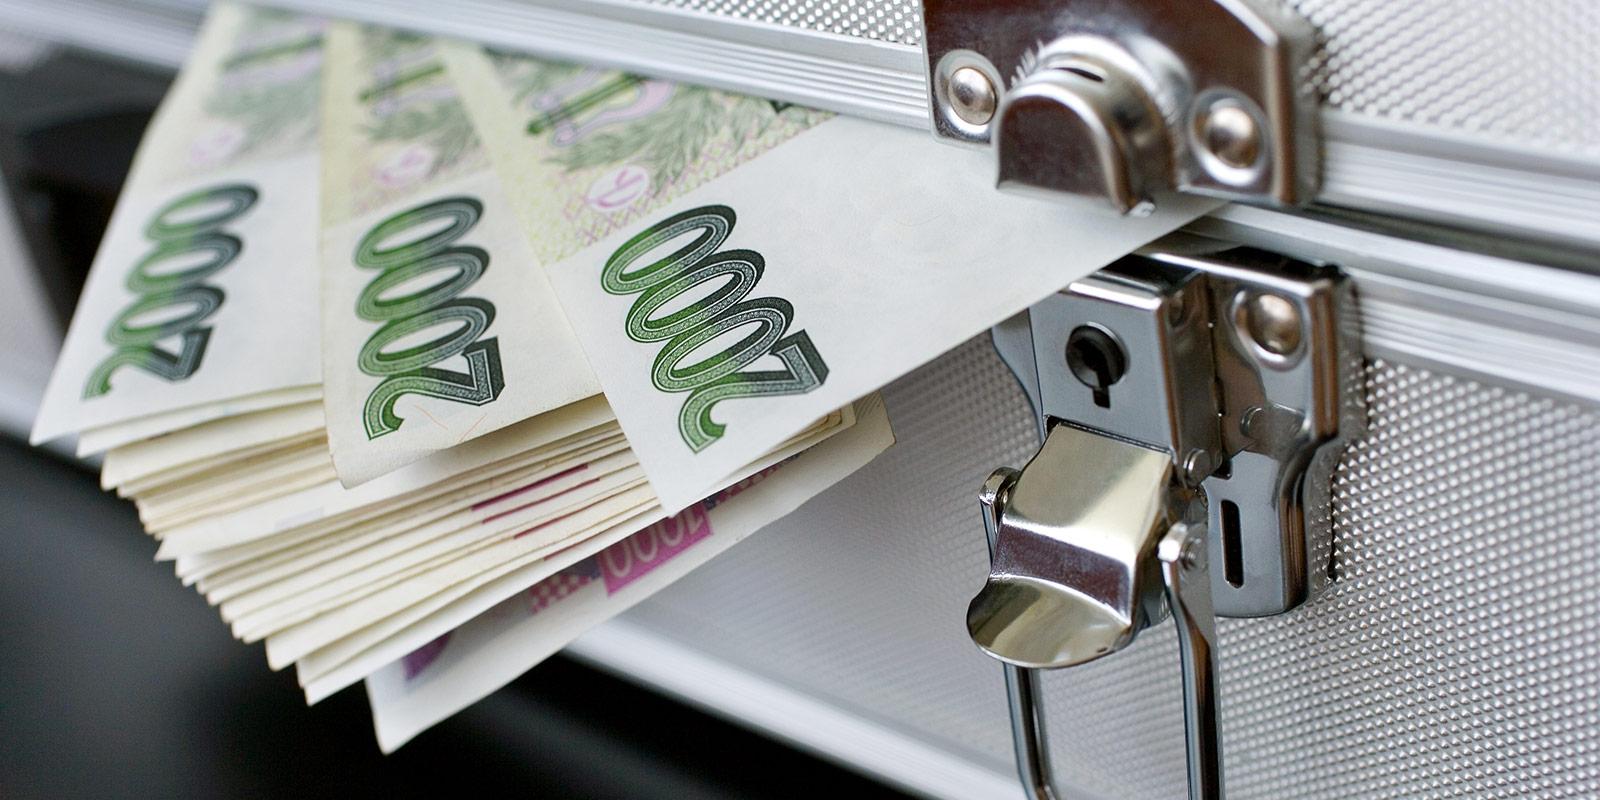 Konsolidace půjček nemusí být pouze výhodná. Banky dobře vědí, jak na ní vydělat. Umíte se bránit?